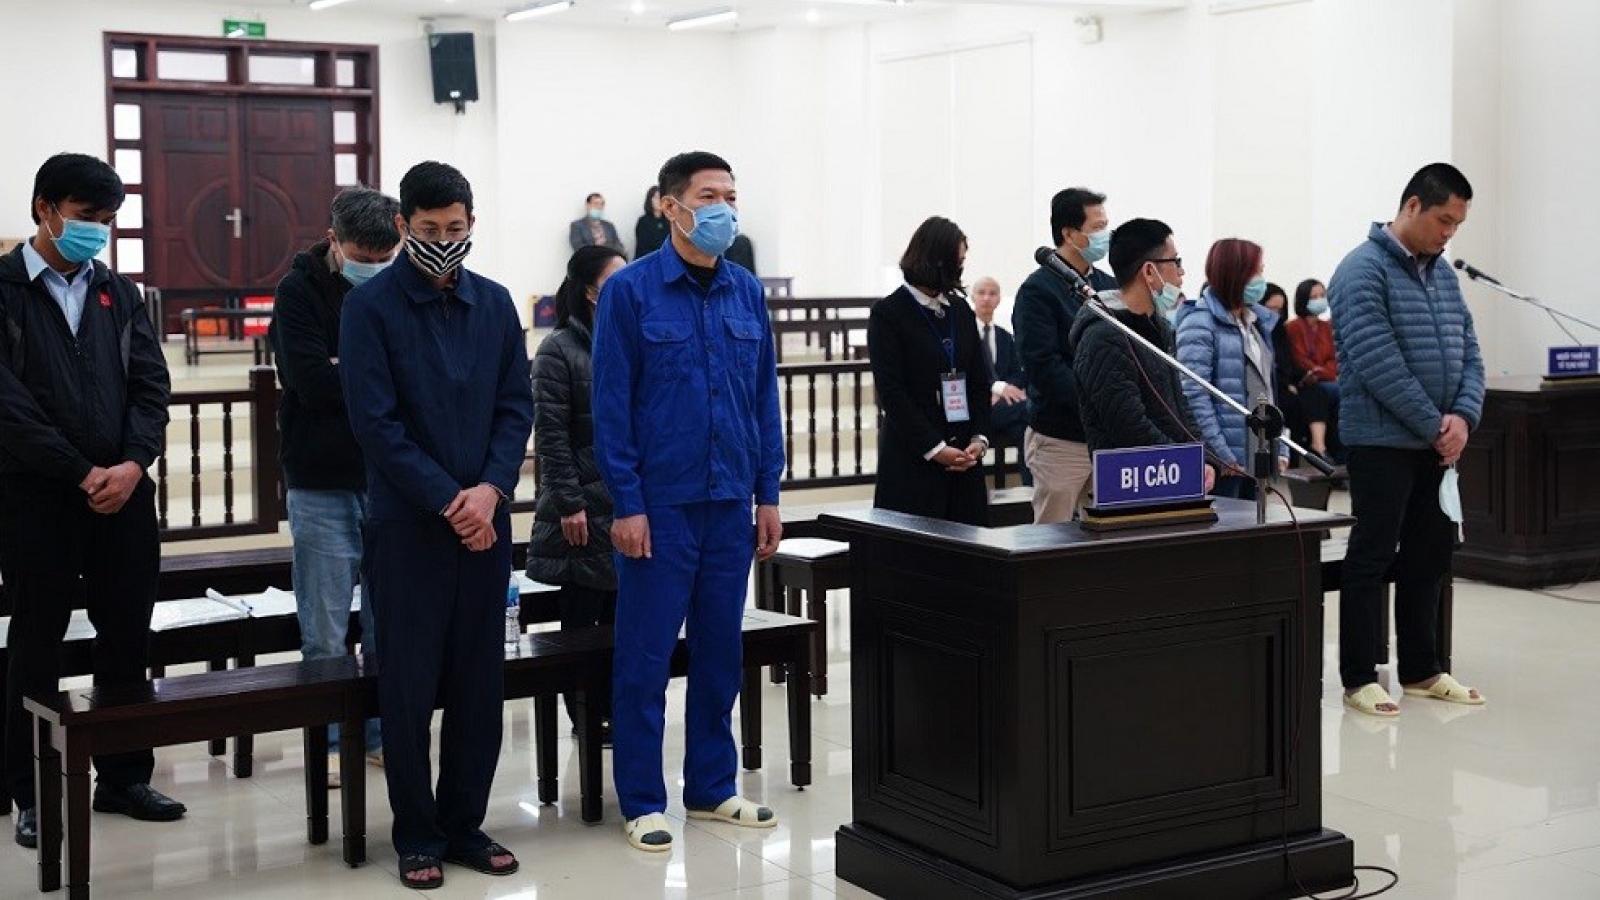 Cựu Giám đốc CDC Hà Nội bị tuyên phạt 10 năm tù vì nâng khống máy xét nghiệm